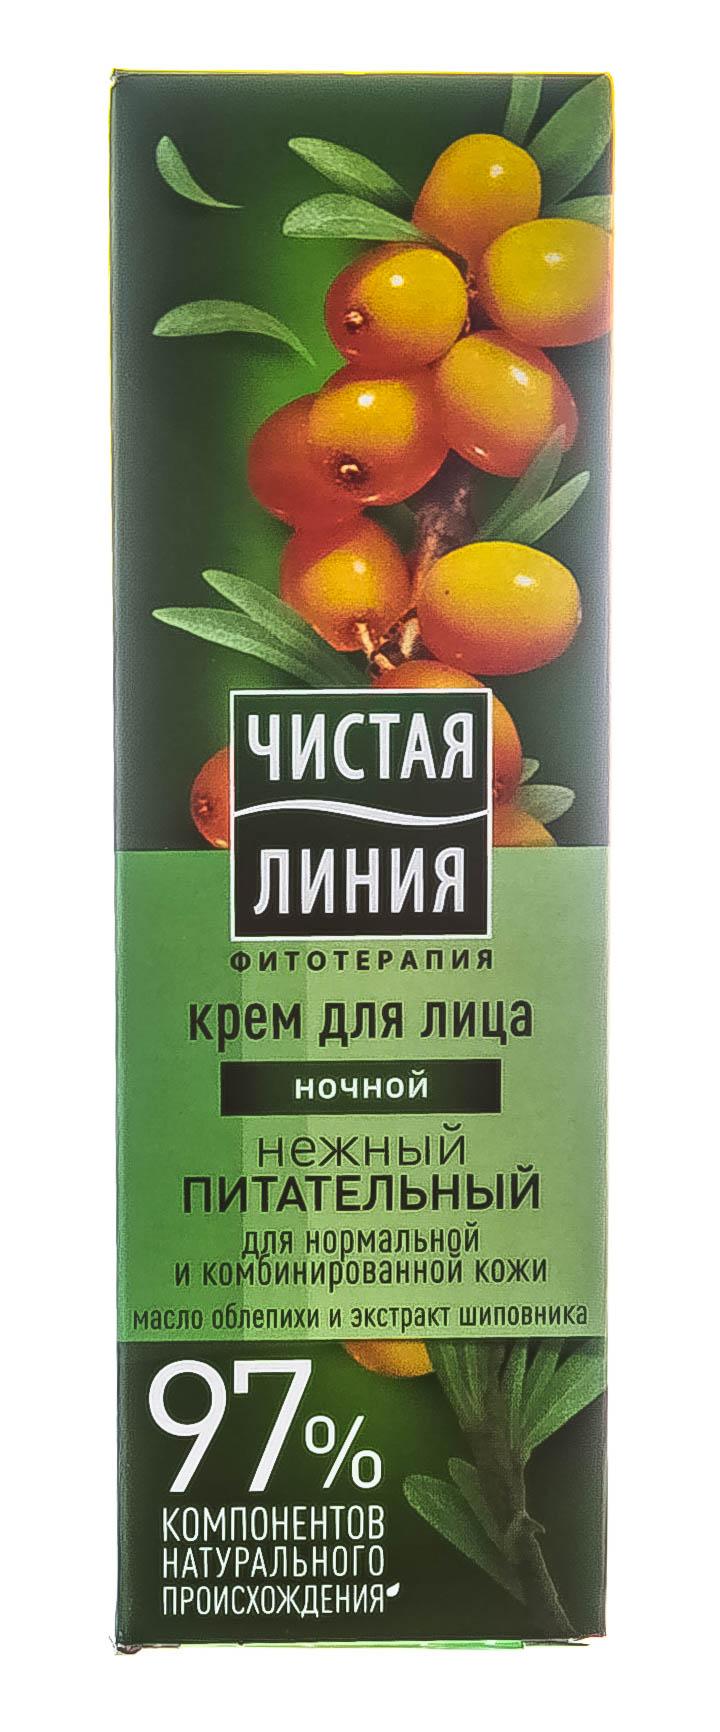 Чистая Линия Крем ночной питательный для нормальной и комбинированной кожи, облепиха, 42 мл (Чистая Линия, )  - Купить